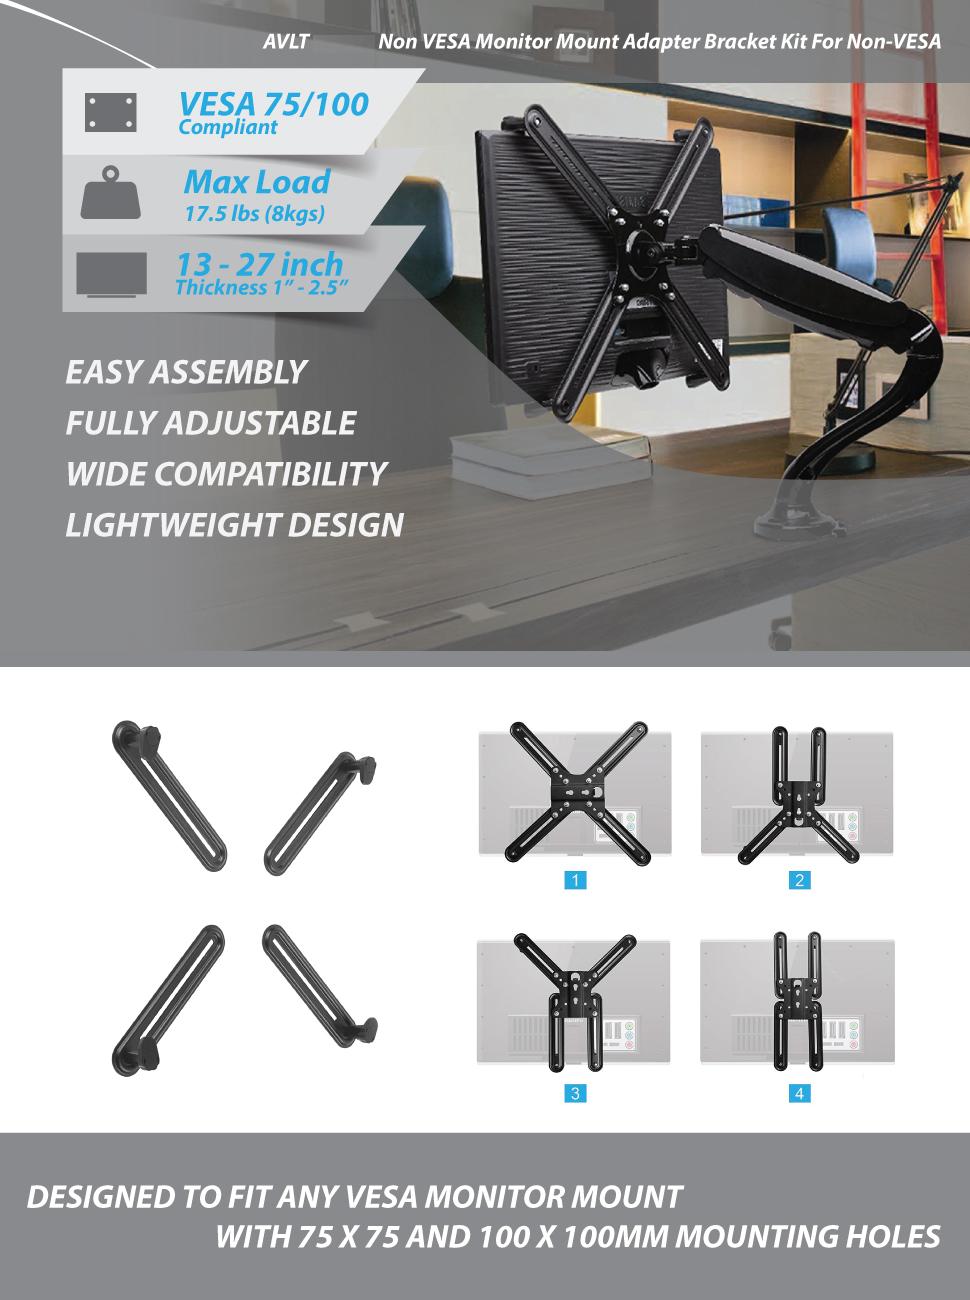 Non VESA Monitor Mount Adapter Bracket Kit